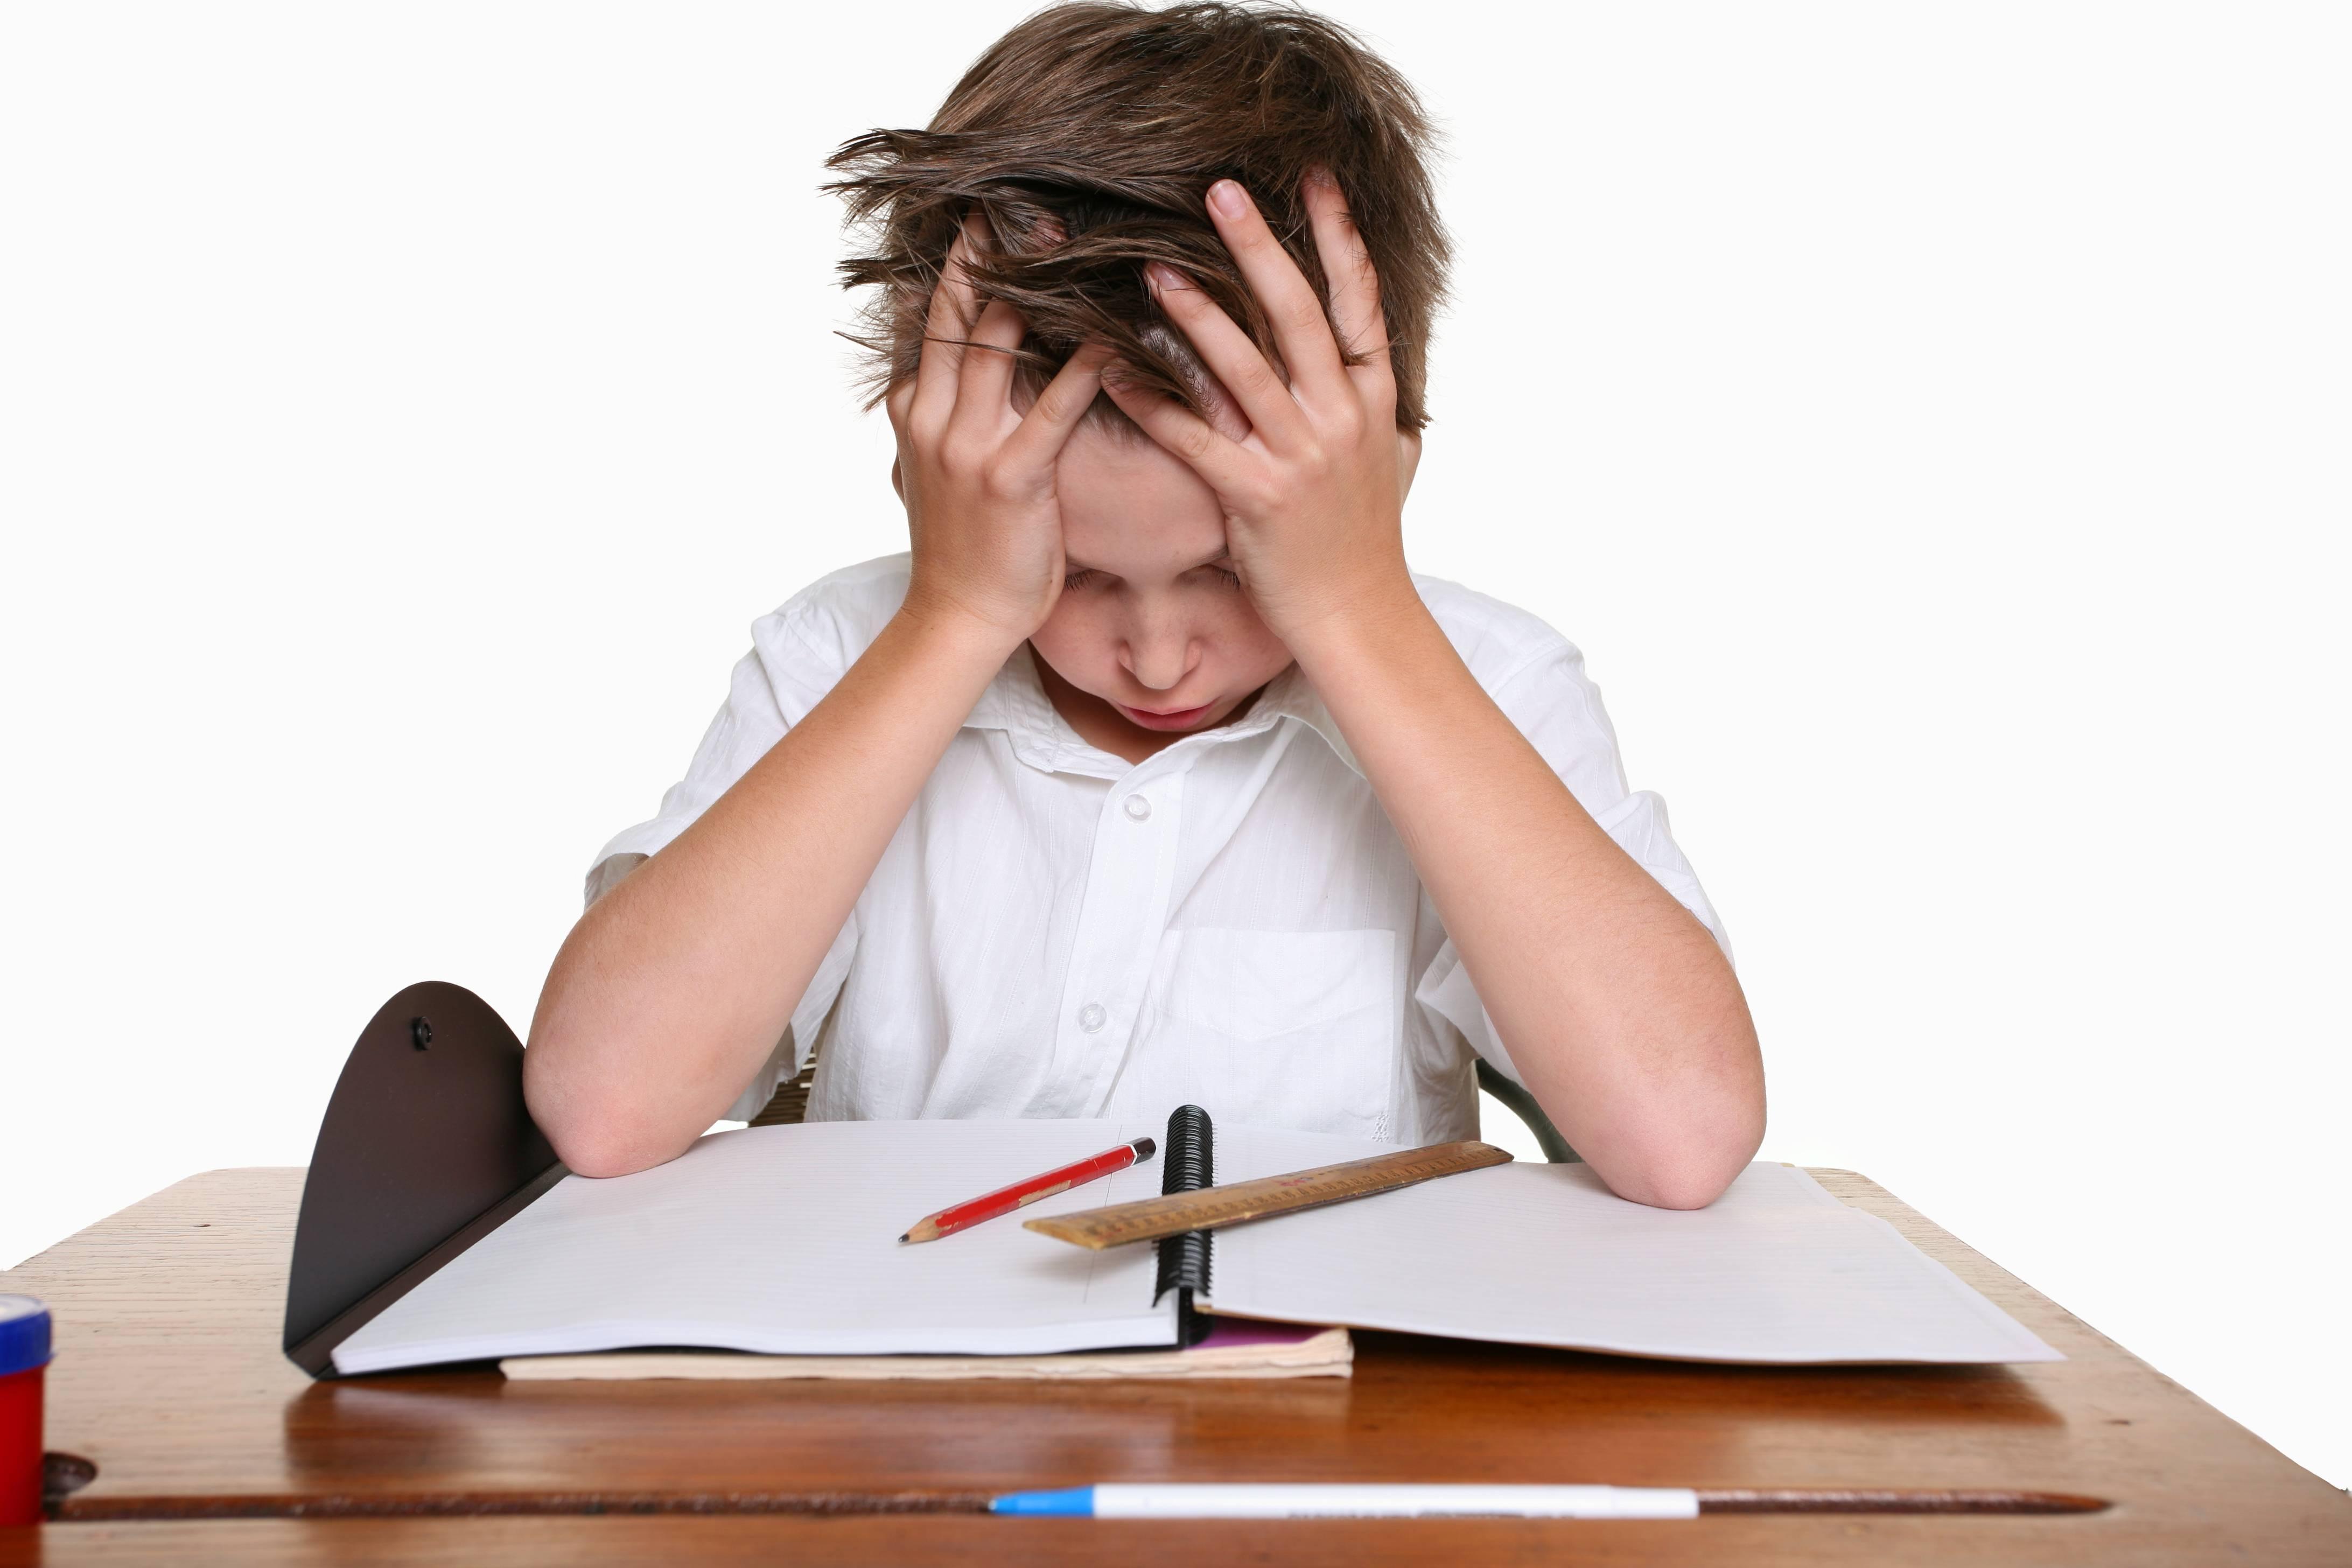 Проблемы в учебе. синдром хронической неуспешности. школьная неуспешность - что это такое, в чем причина?